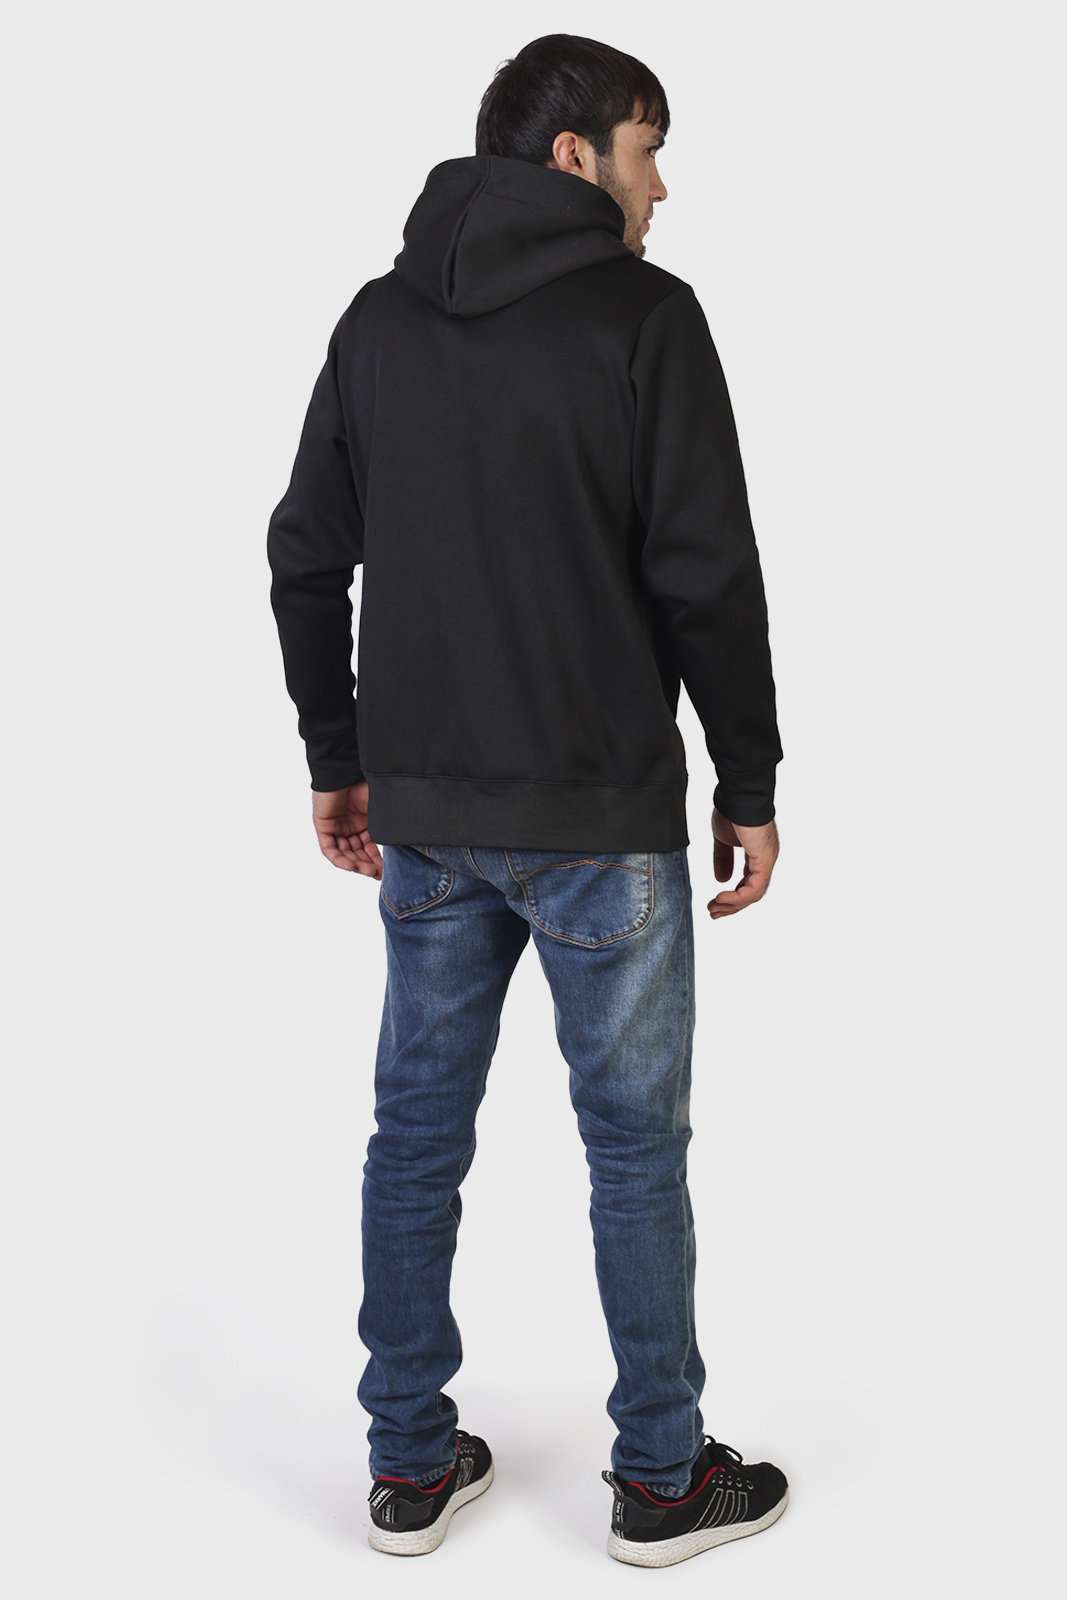 Мужская толстовка с тематическим шевроном на груди и спине купить с доставкой